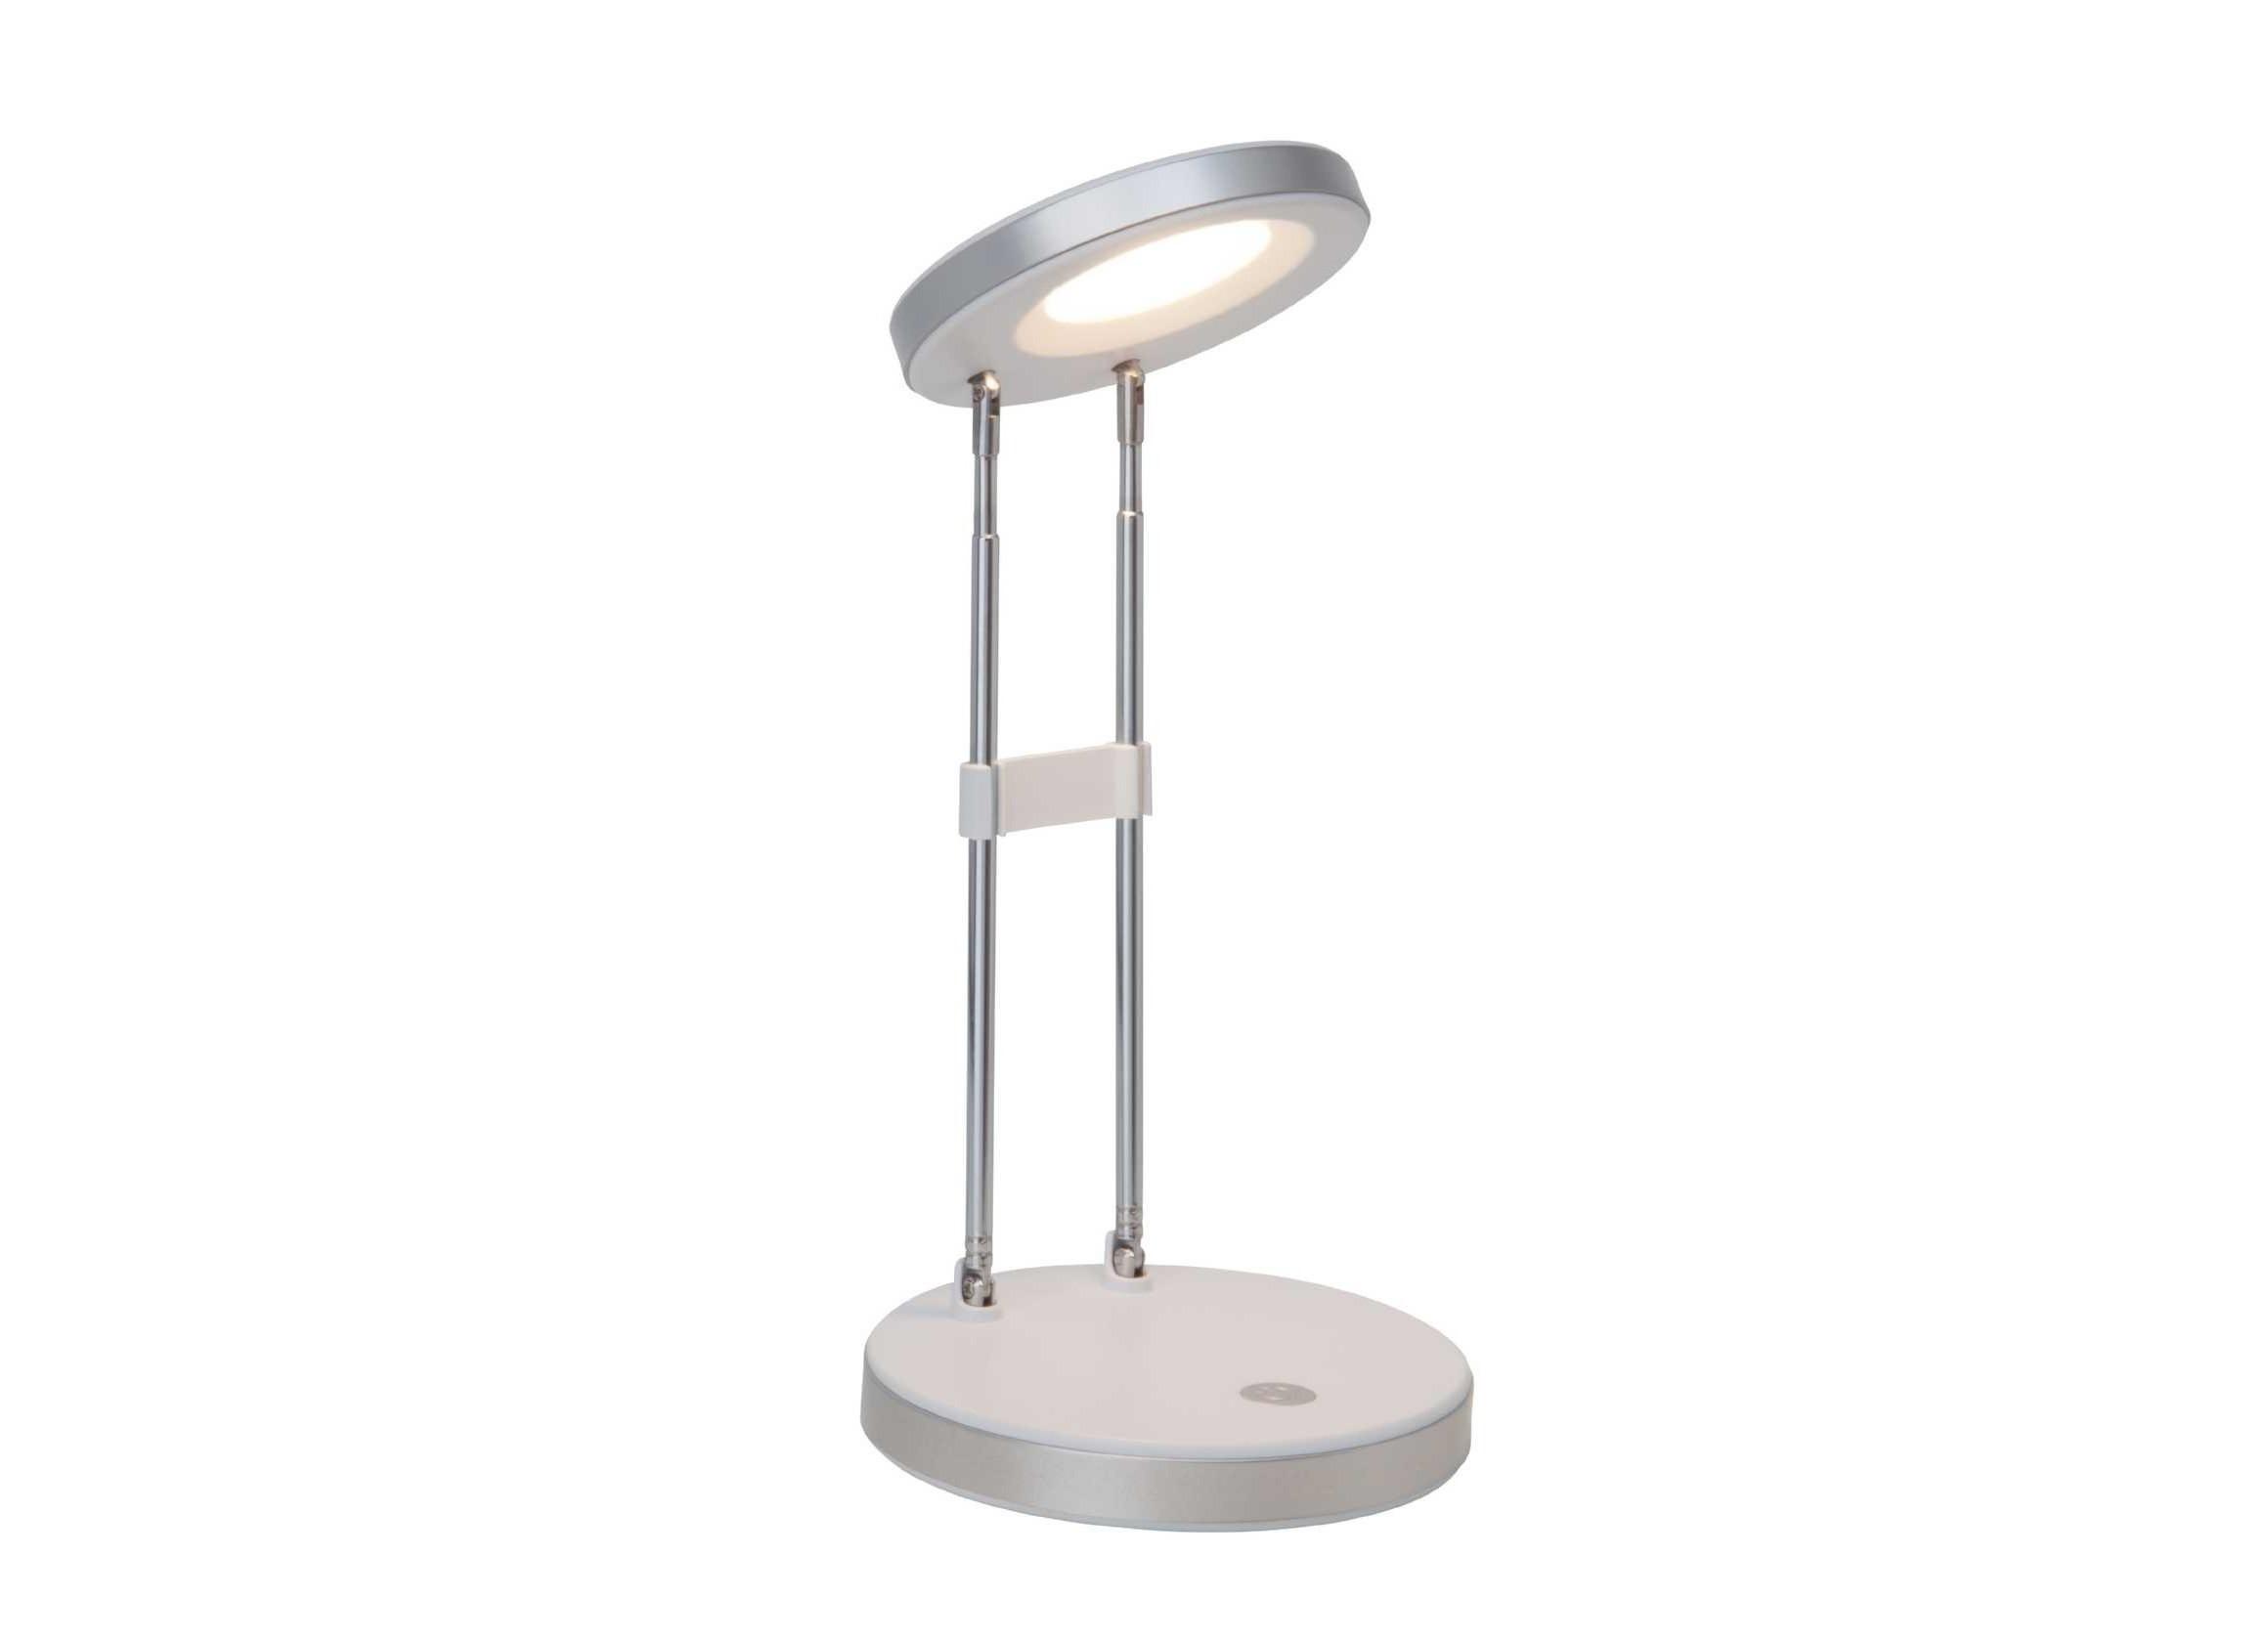 Лампа настольная VenedigНастольные лампы<br>&amp;lt;div&amp;gt;Тип цоколя: LED&amp;lt;/div&amp;gt;&amp;lt;div&amp;gt;Мощность лампы: 3,3W&amp;lt;/div&amp;gt;&amp;lt;div&amp;gt;Количество ламп: 1&amp;lt;/div&amp;gt;<br><br>Material: Пластик<br>Высота см: 29